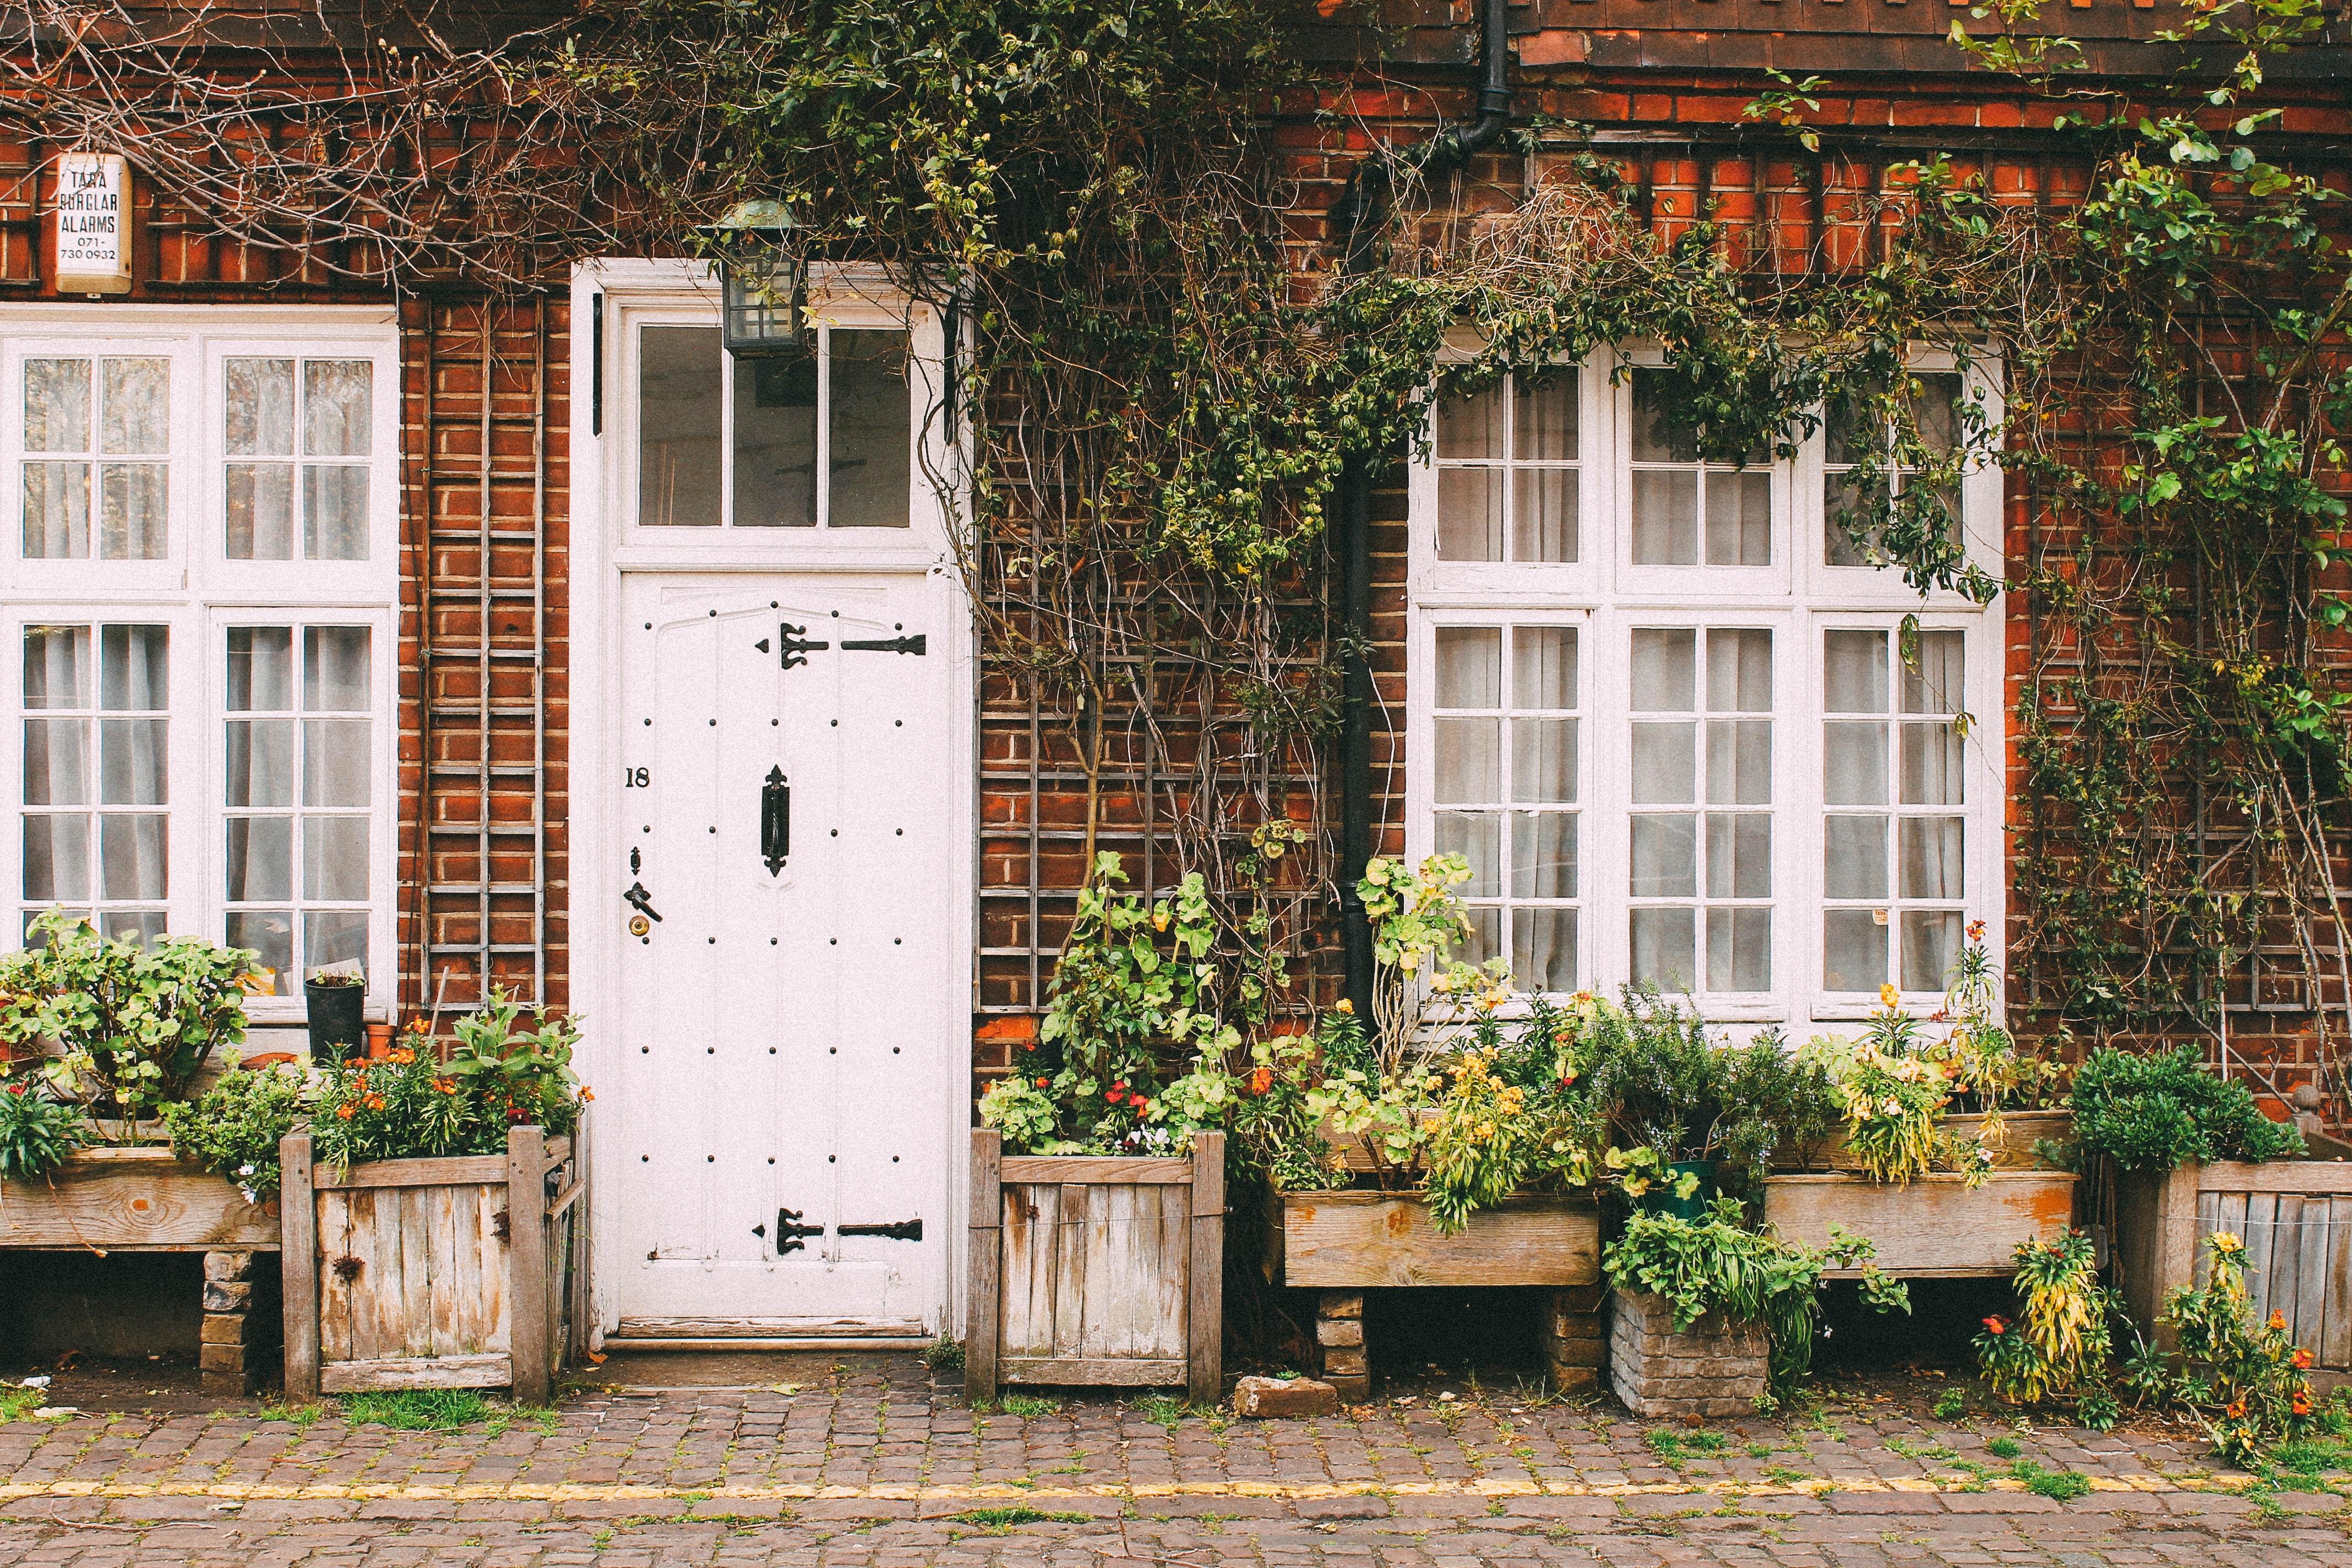 Maison avec plantes vertes